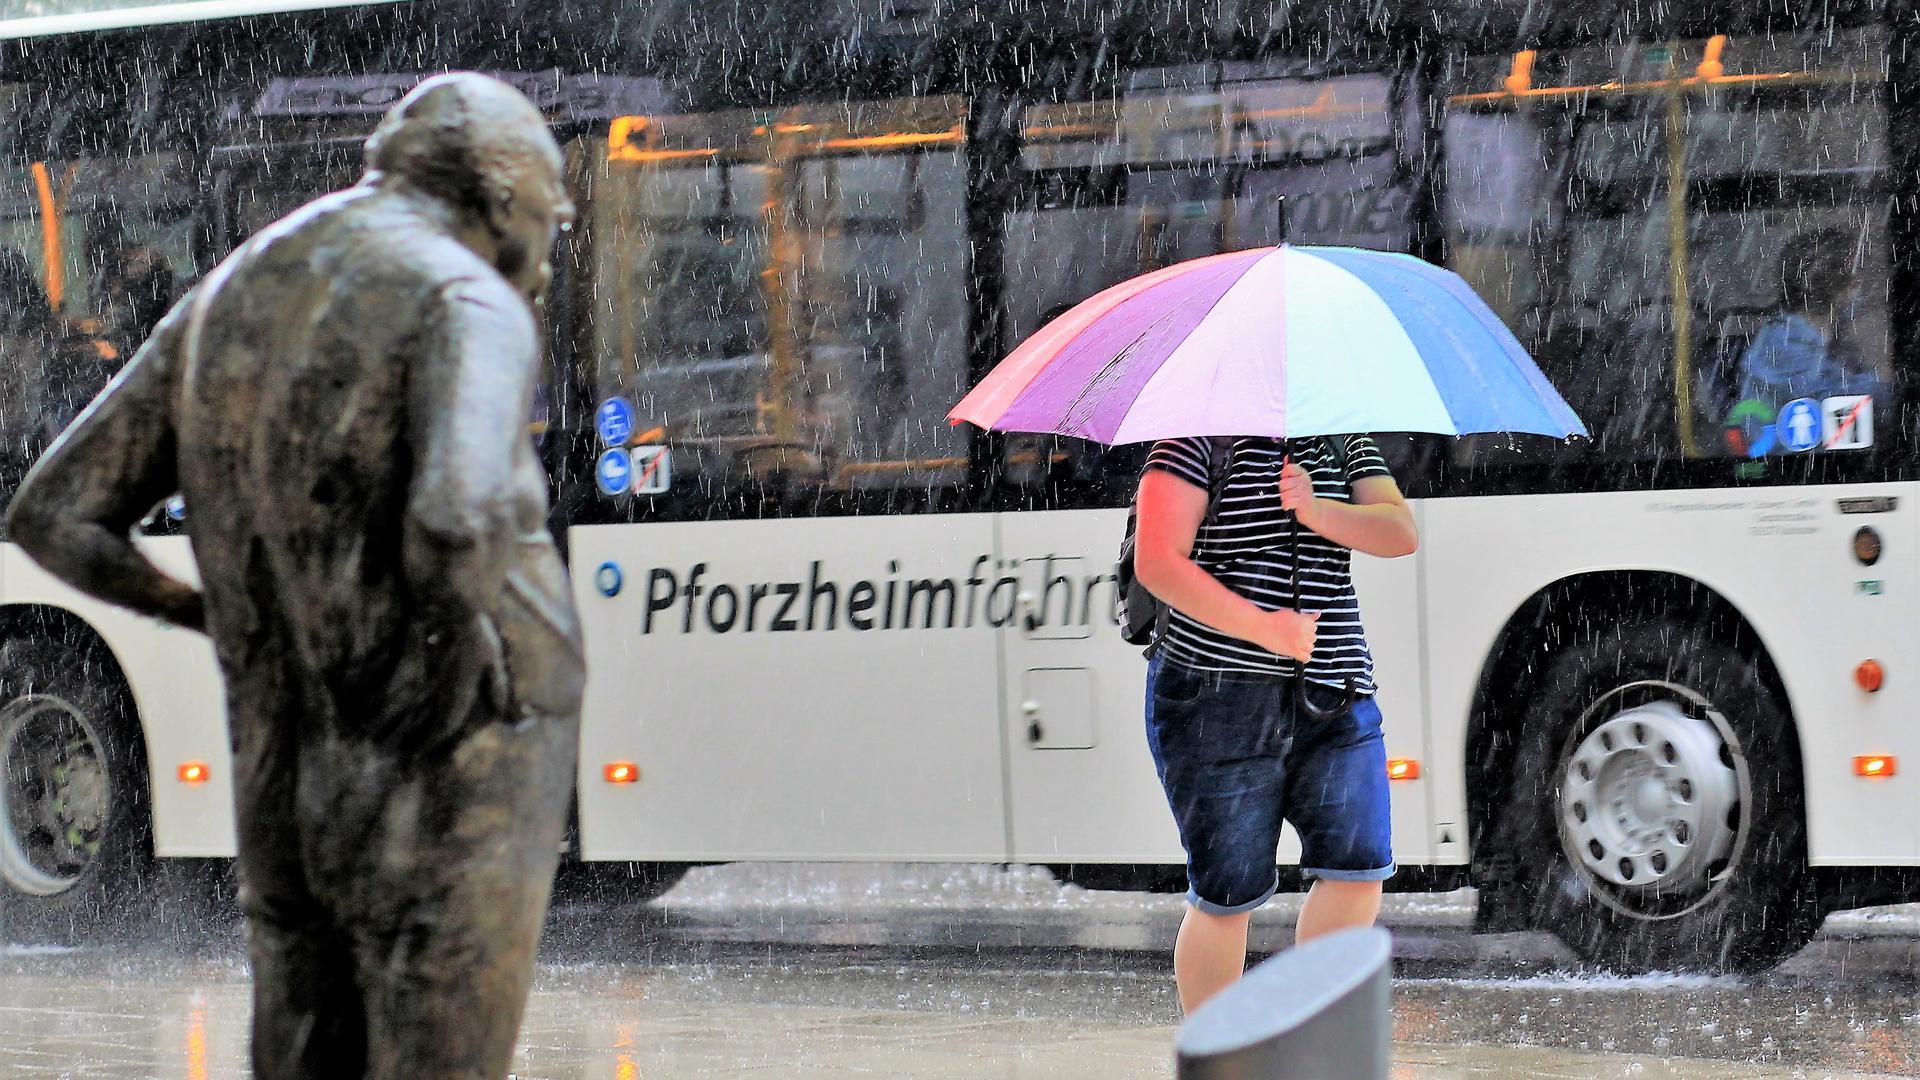 """Eine junge Frau schützt sich in der Pforzheimer Leopoldstraße mit einem Schirm gegen den prasselnden Regen. Stoisch steht wie immer die Skulptur """"Der Dicke"""""""